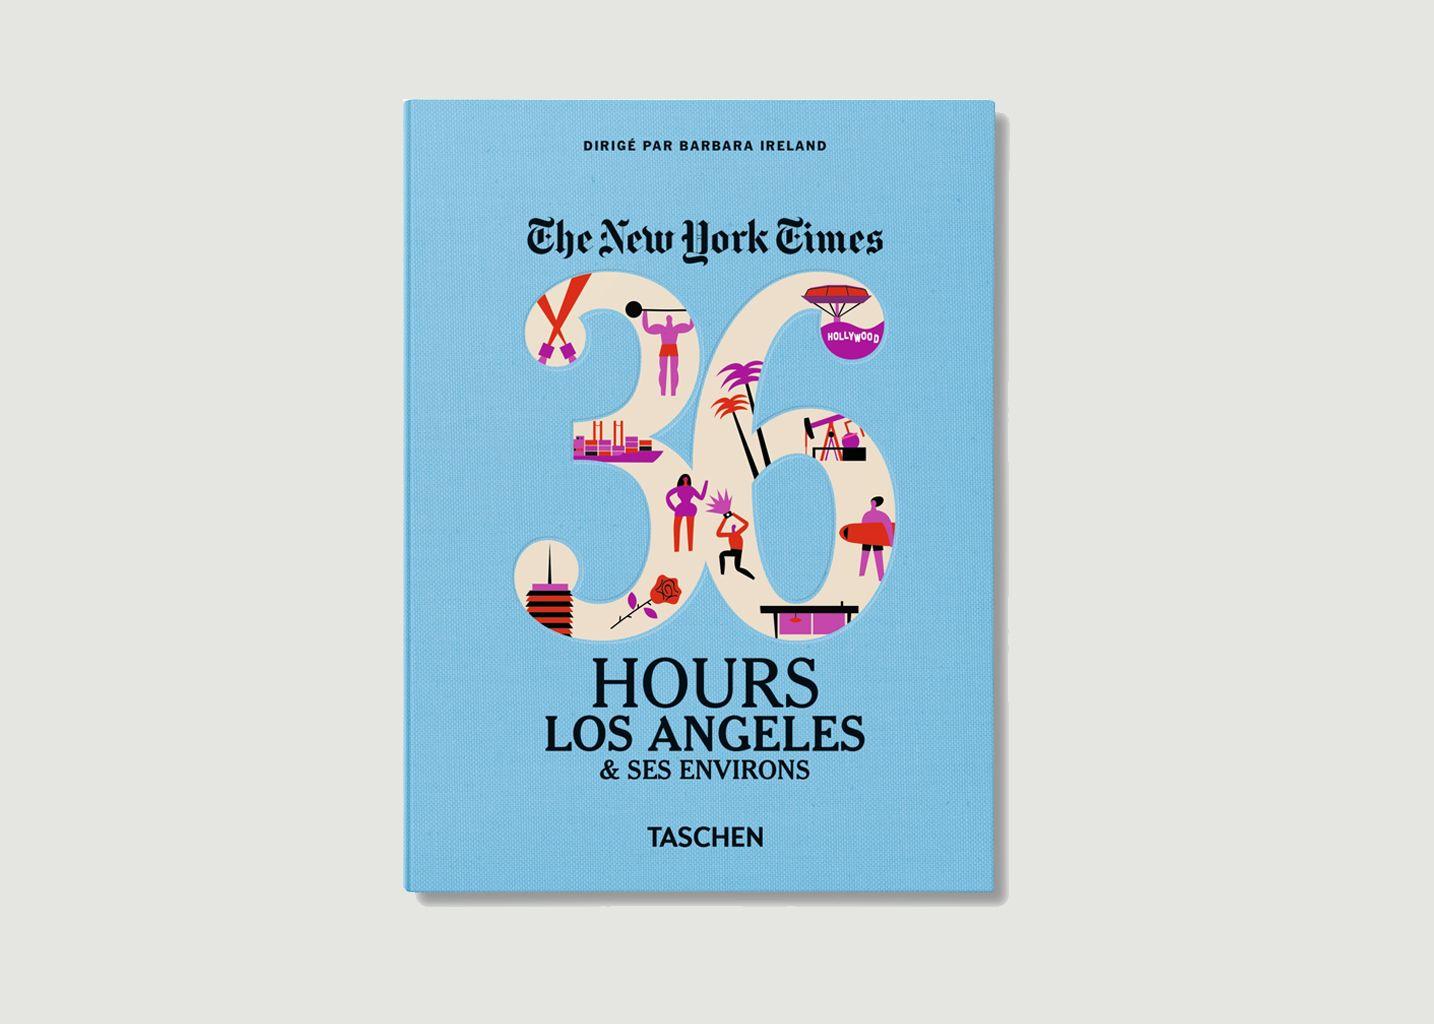 36 Hours Los Angeles - Taschen